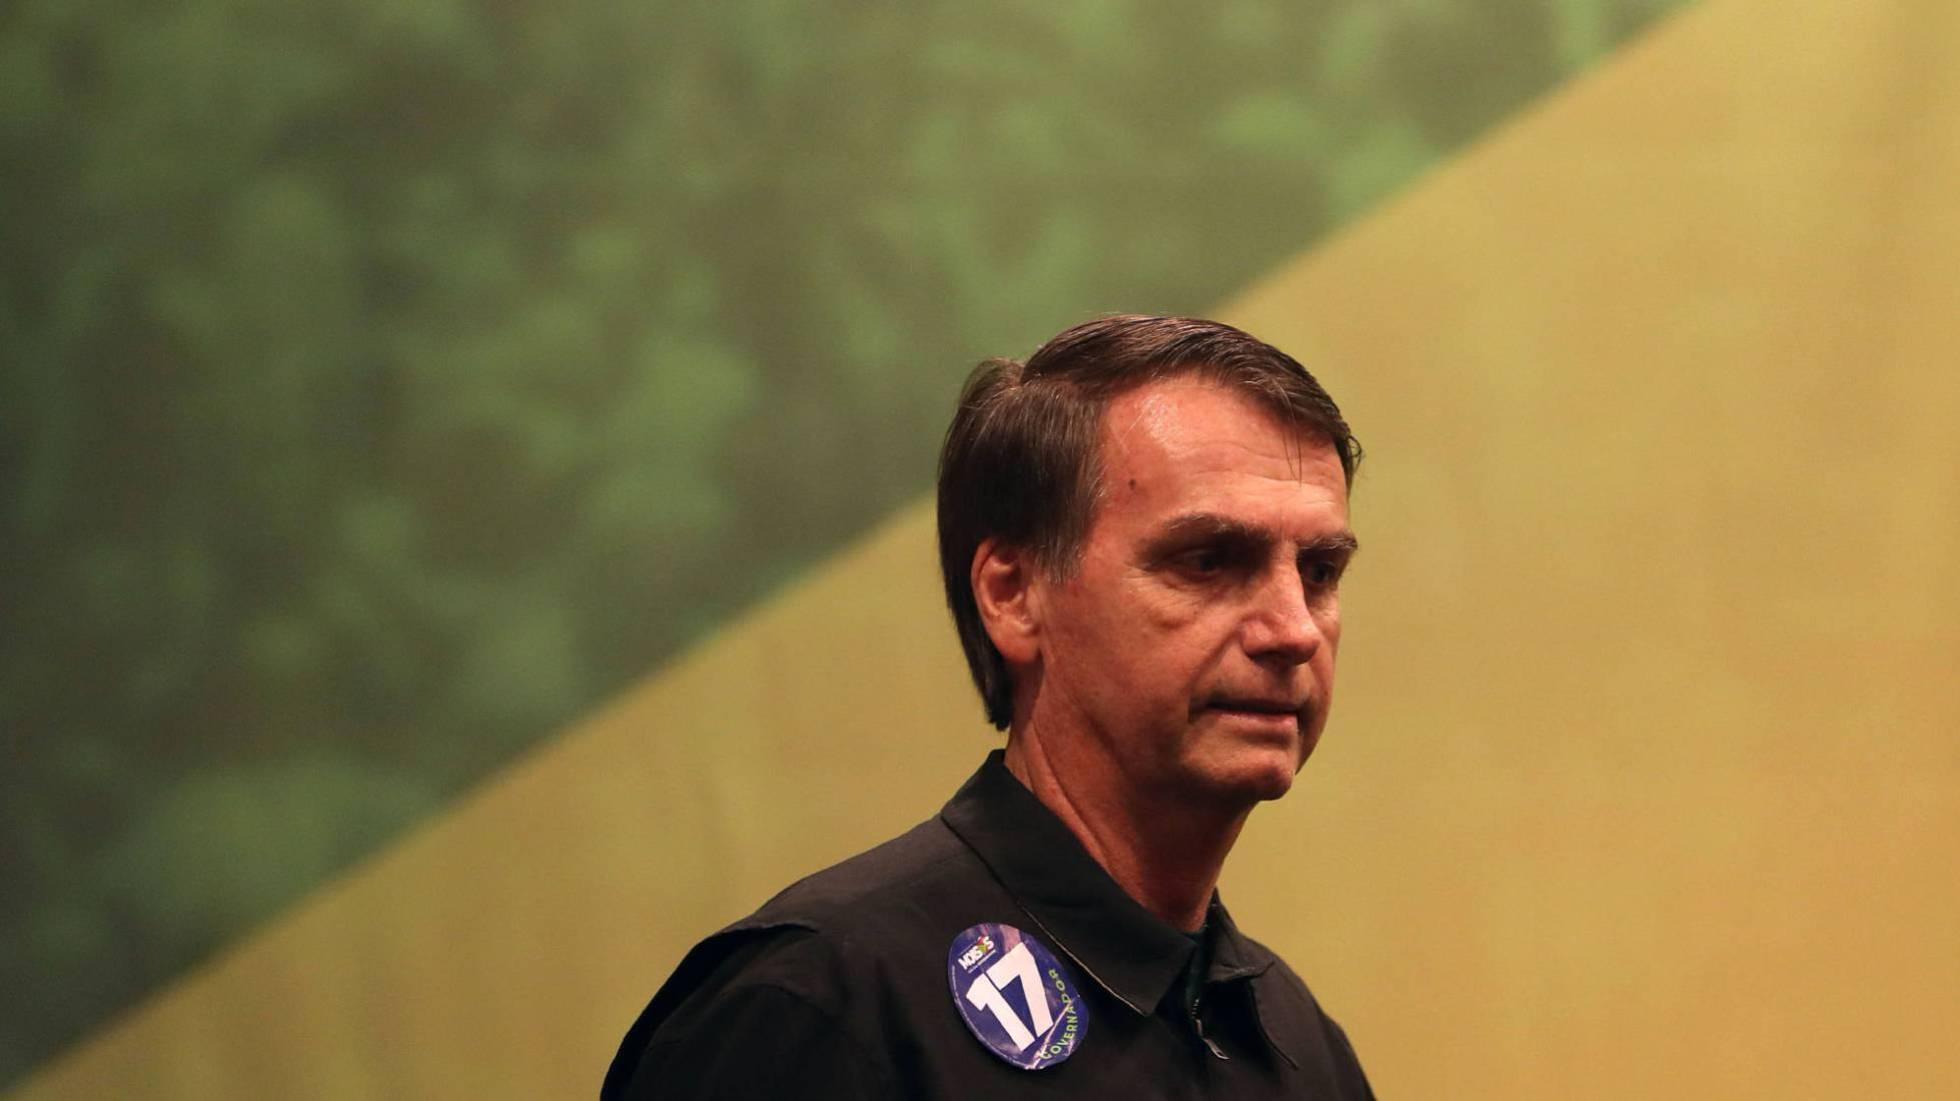 1539799897 917536 1539800162 noticia normal recorte1 - Bolsonaro é uma ameaça ao planeta - Por Eliane Brum